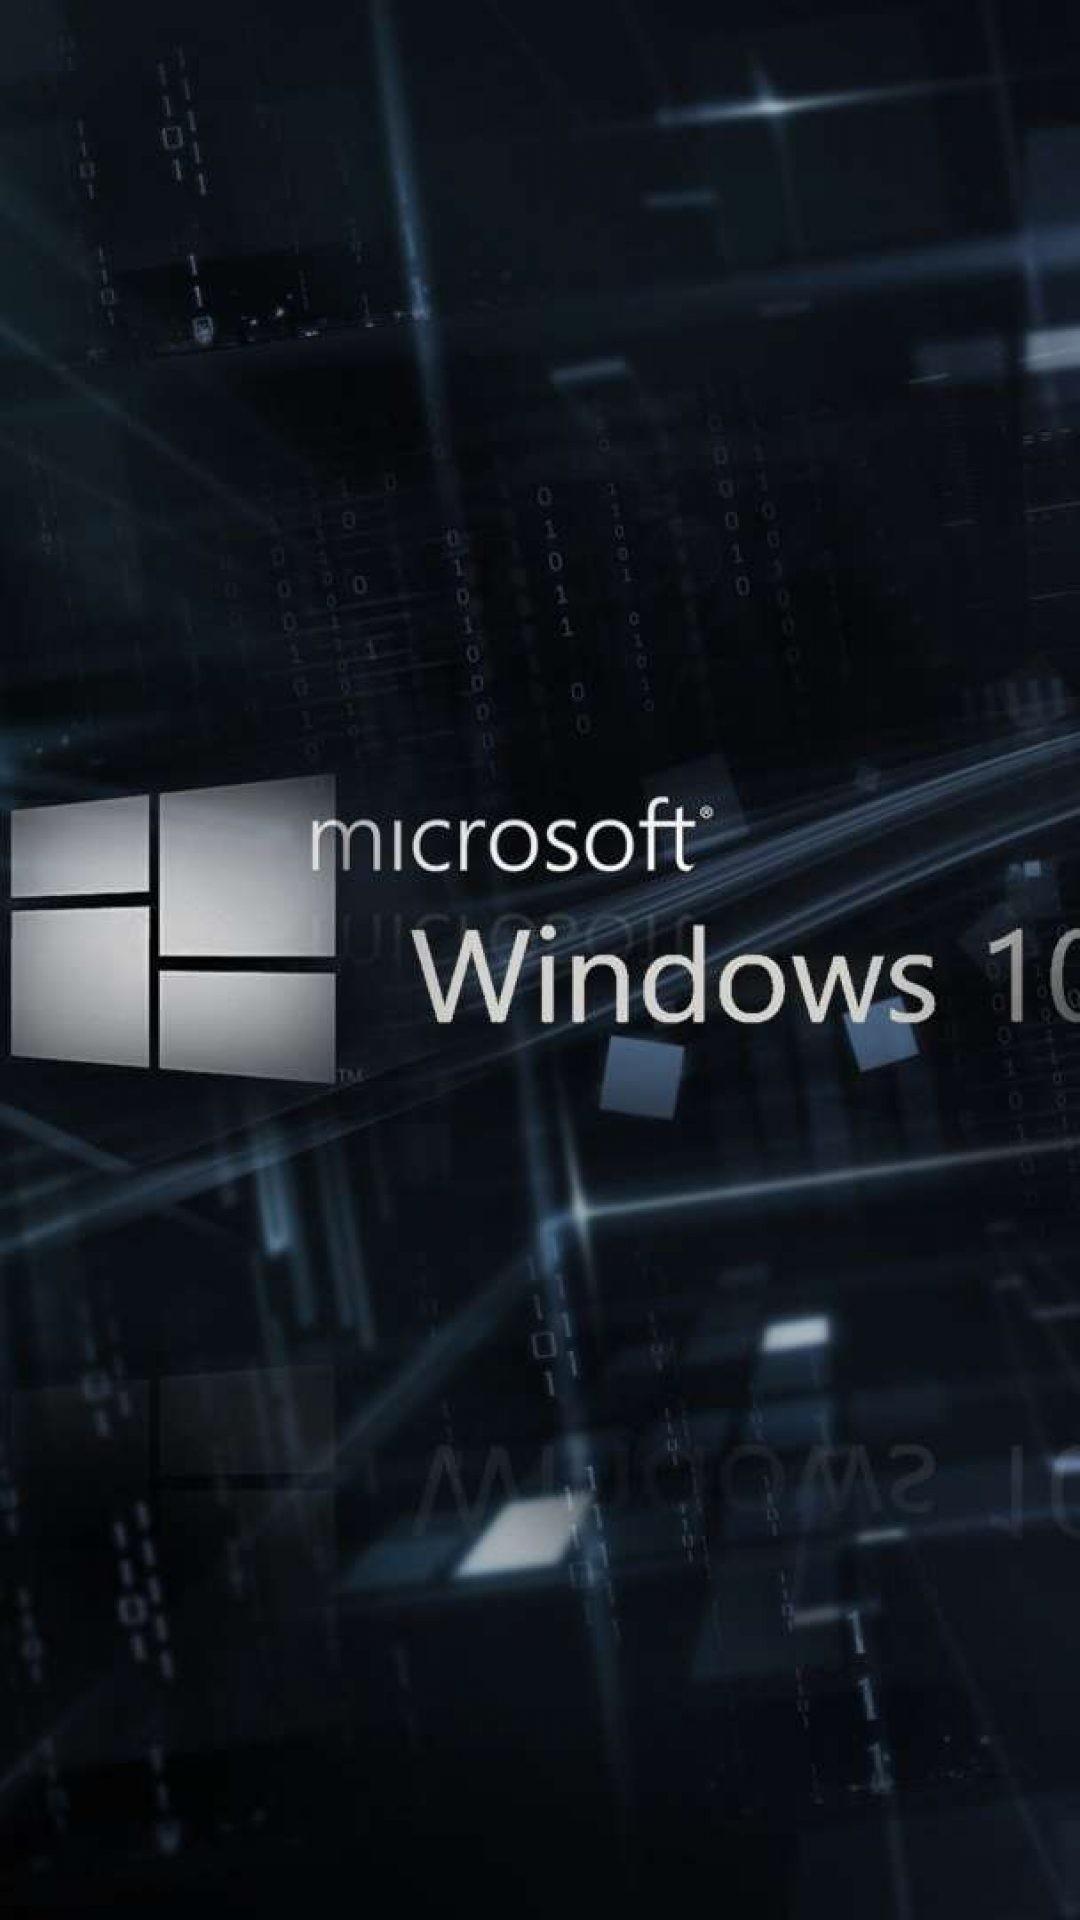 windows 10 wallpaper hd 3d